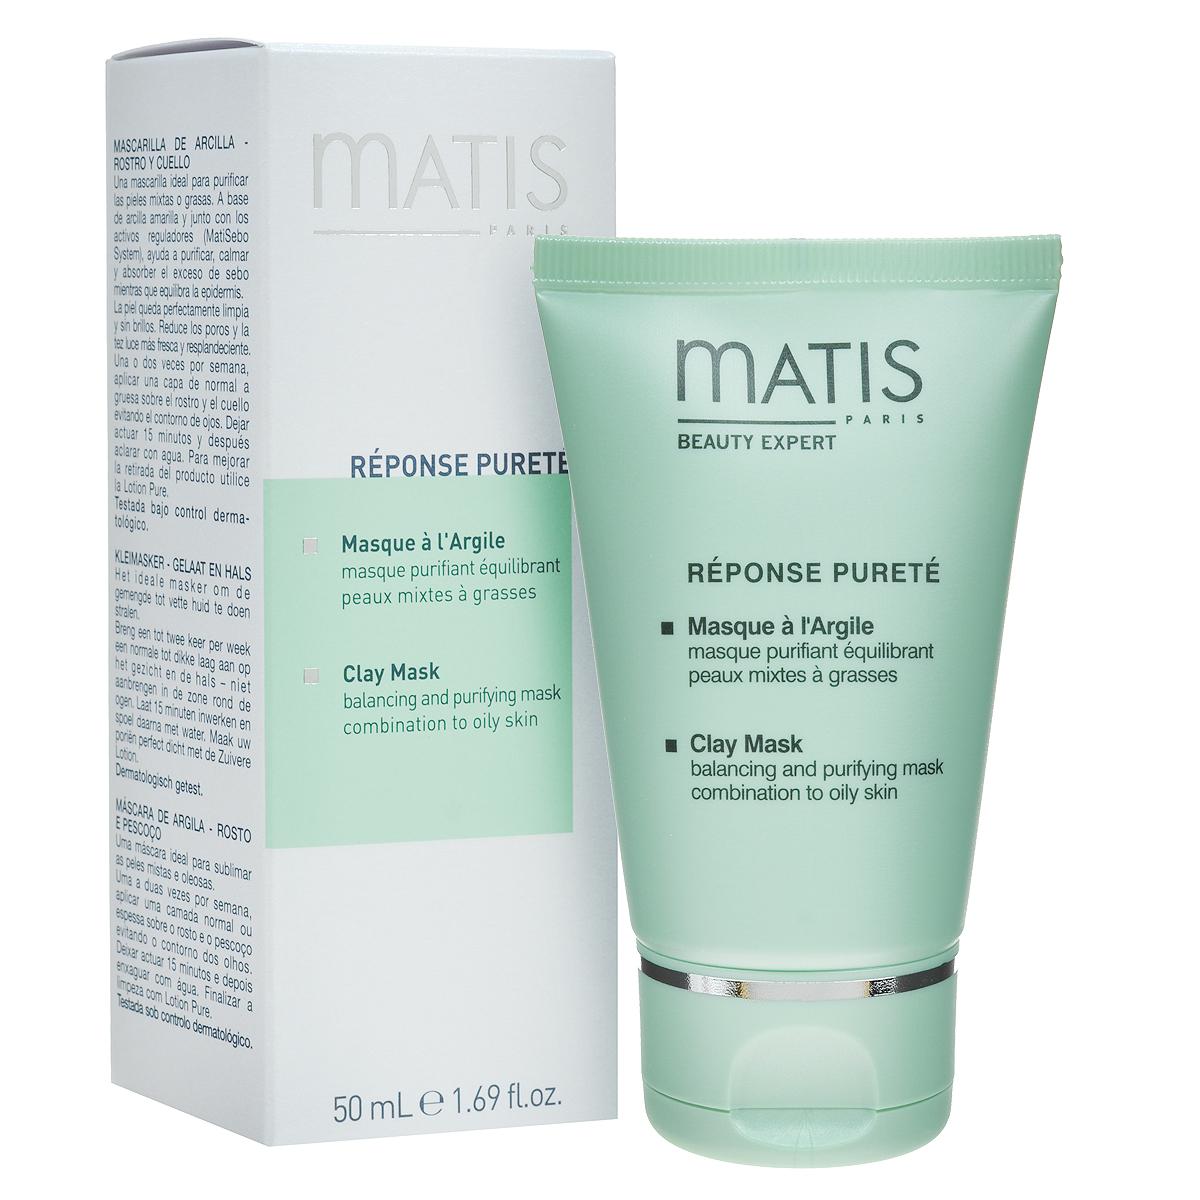 Matis Маска для лица Линия жирной кожи, очищающая, балансирующая, 50 млFS-00897Кремовая маска с желтой глиной. Регулирует деятельность сальных желез. Тщательно очищает и дезинфицирует кожу. Оказывает успокаивающее и противовоспалительное действие. Глубоко очищает поры, тонизирует кожу, насыщает ее кислородом. Выводит токсины.MatiSebo инновационная система (сочетание особых кислот с экстрактом африканского дерева Энантия Хлоранта), Желтая глина.Нанесите толстым слоем на лицо и шею, избегая области вокруг глаз, на 15 минут. Смойте маску теплой водой, затем протрите кожу ватным диском, пропитанным Лосьоном очищающим для жирной кожи.